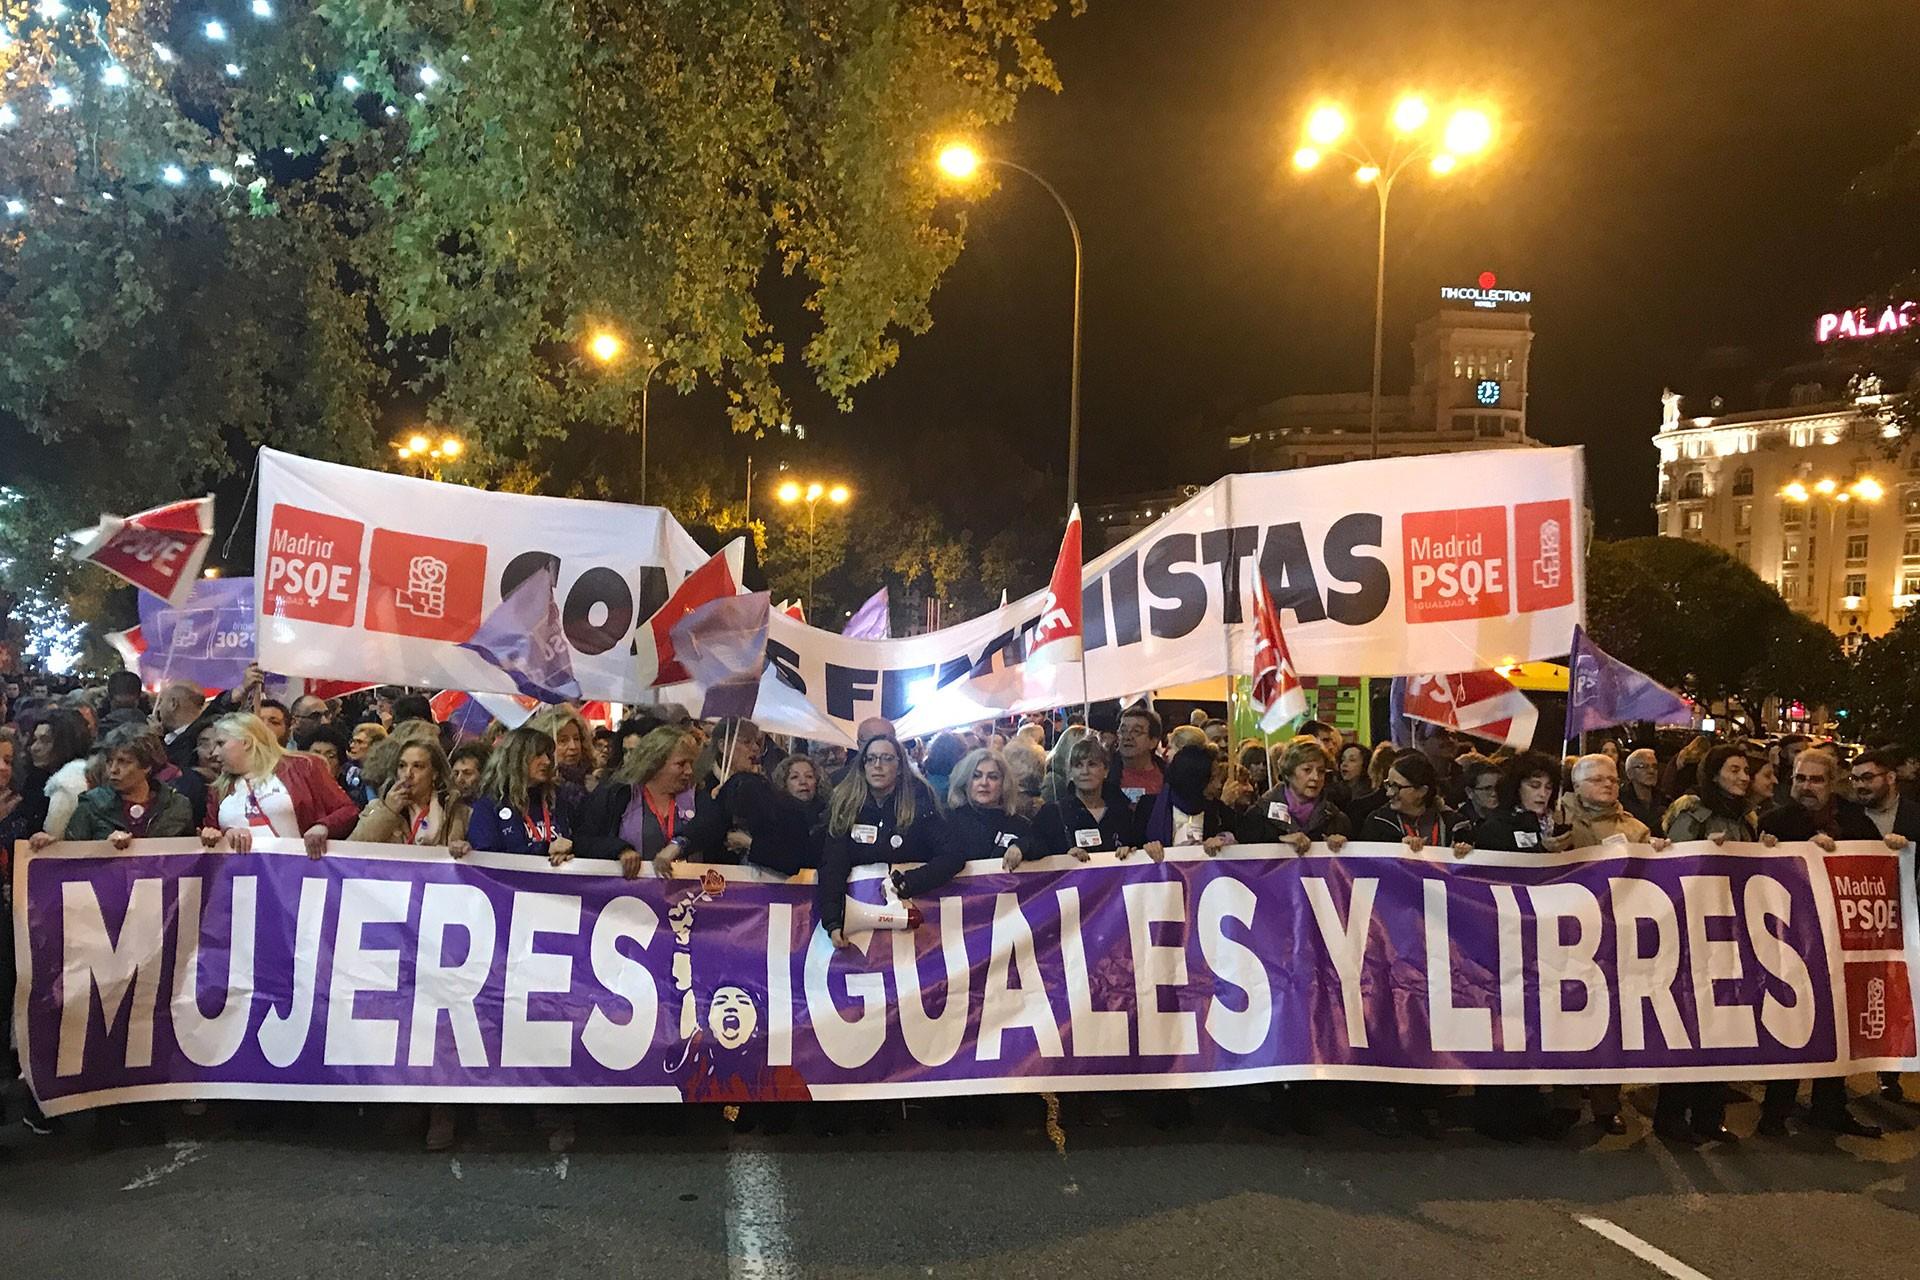 İspanya'da 25 Kasım eylemi